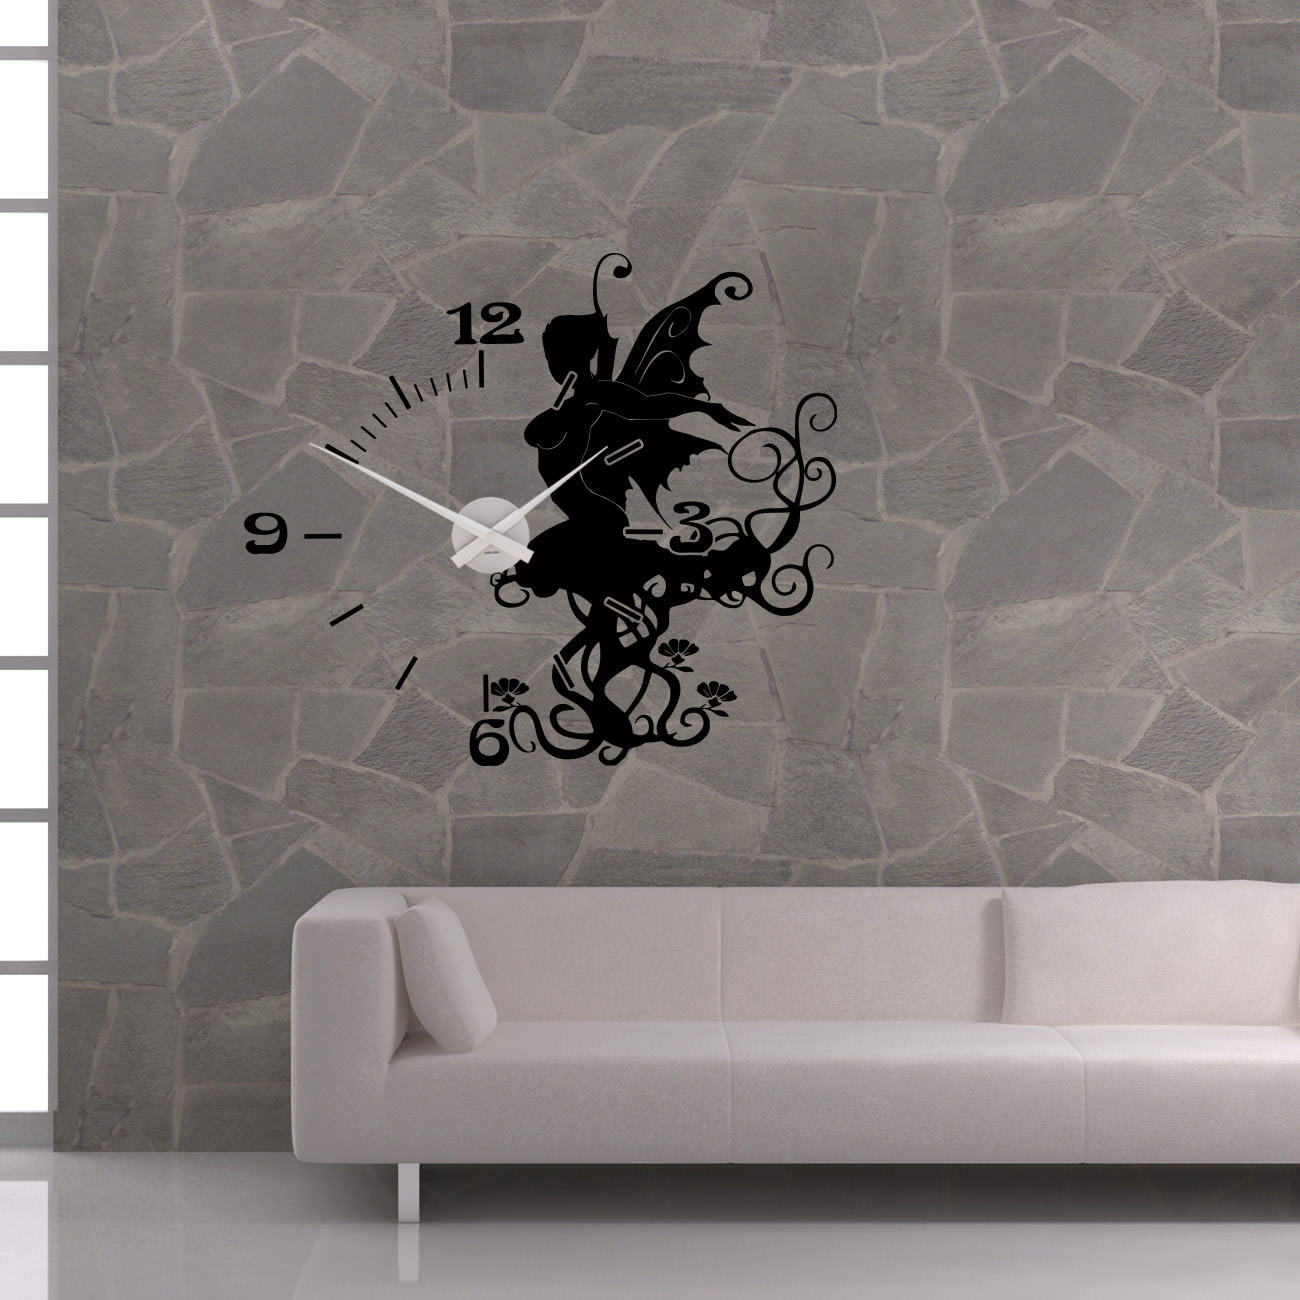 Murales reloj karlsson reloj de parojo sunnyfee duendecillo hada Fairy elve Modern +392+